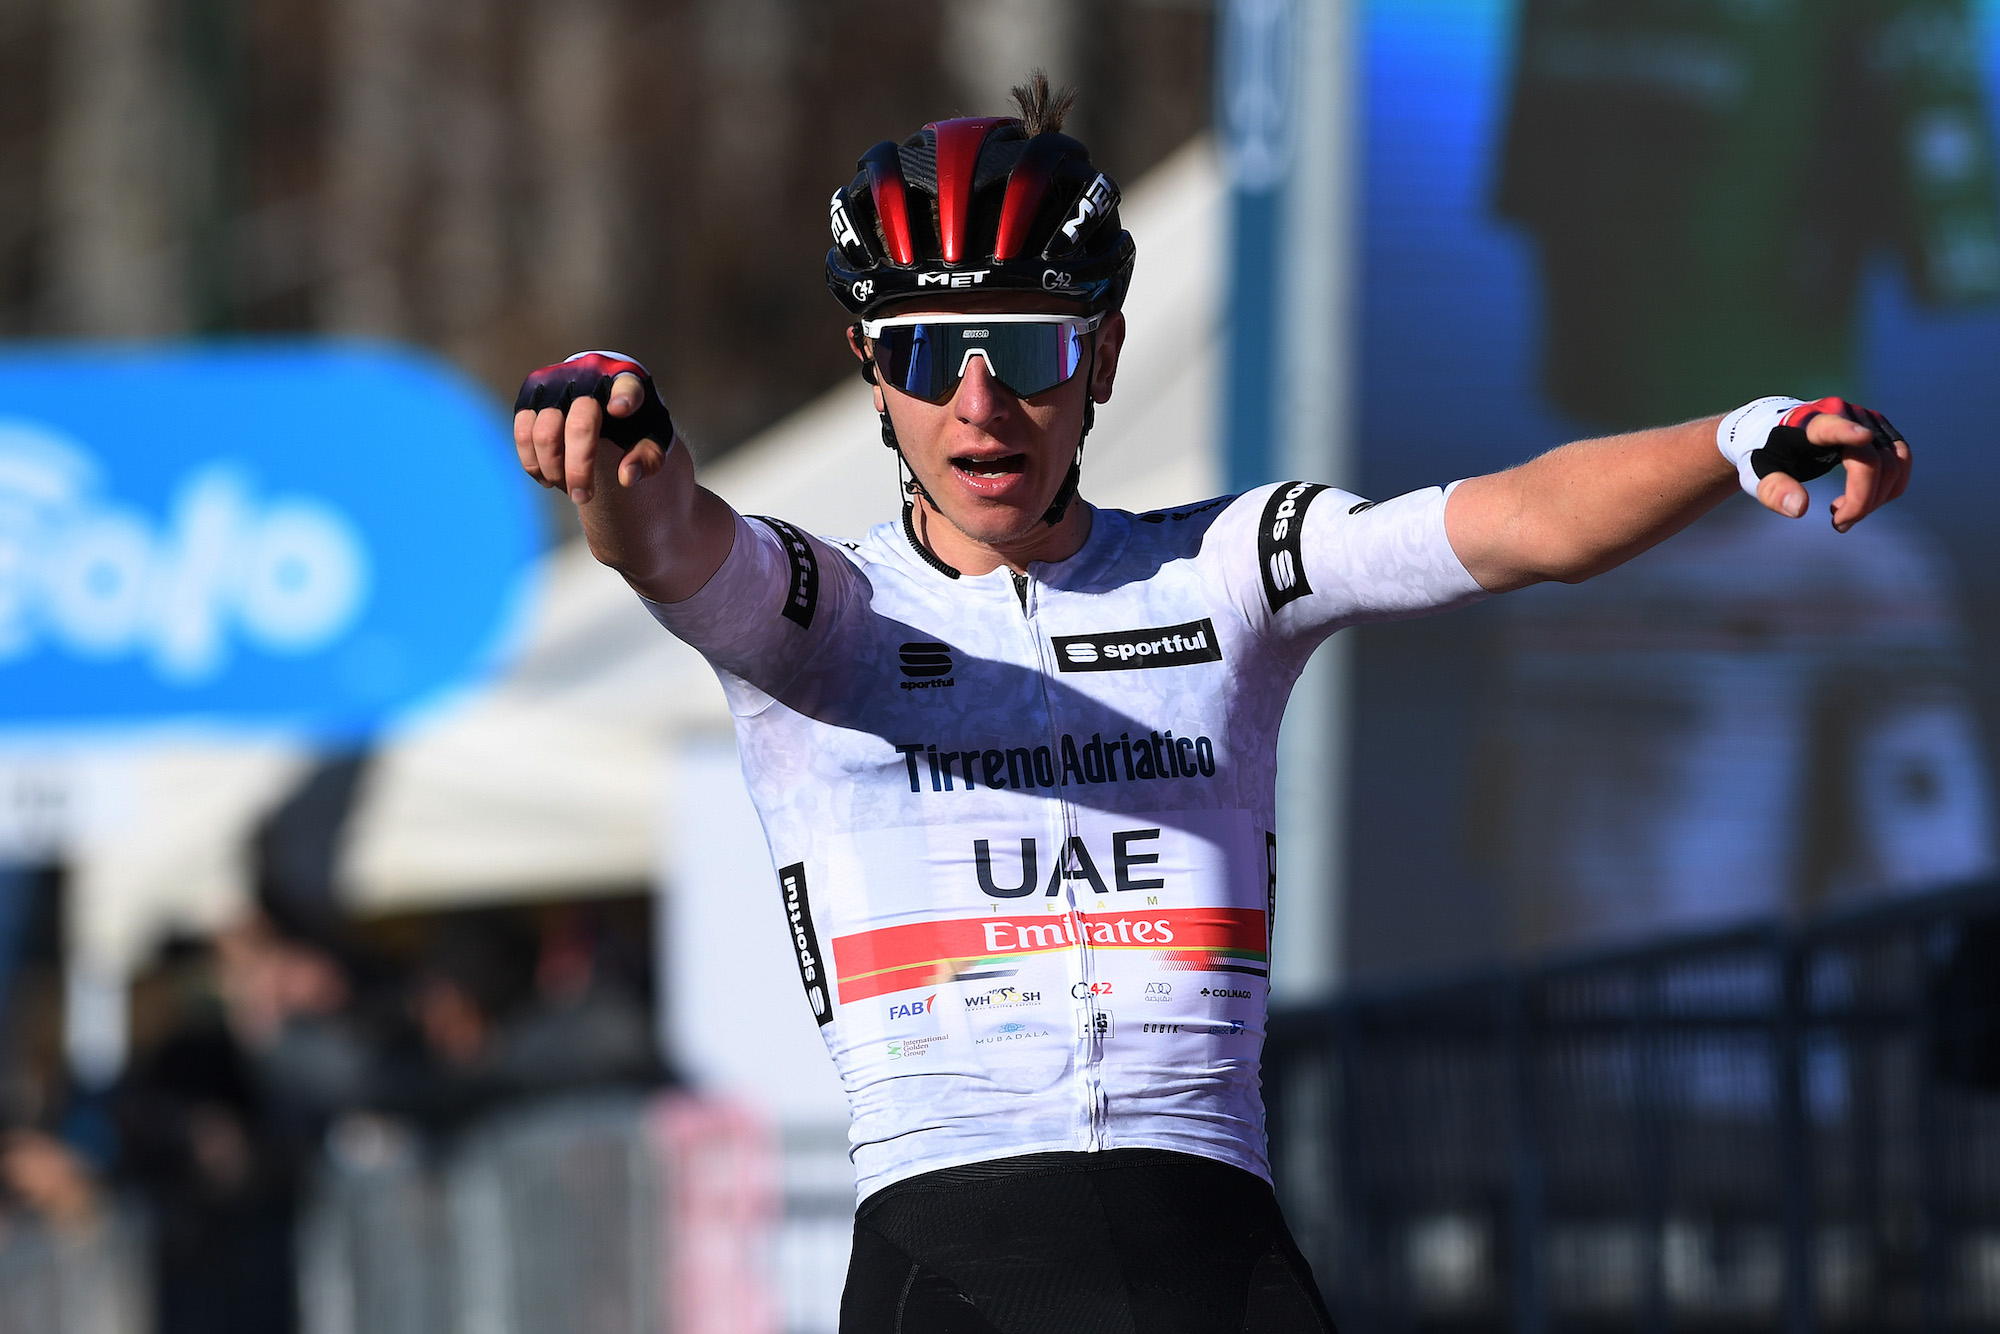 Tadej Pogačar tiene a bada Simon Yates per passare al comando della classifica generale alla Tirreno-Adriatico